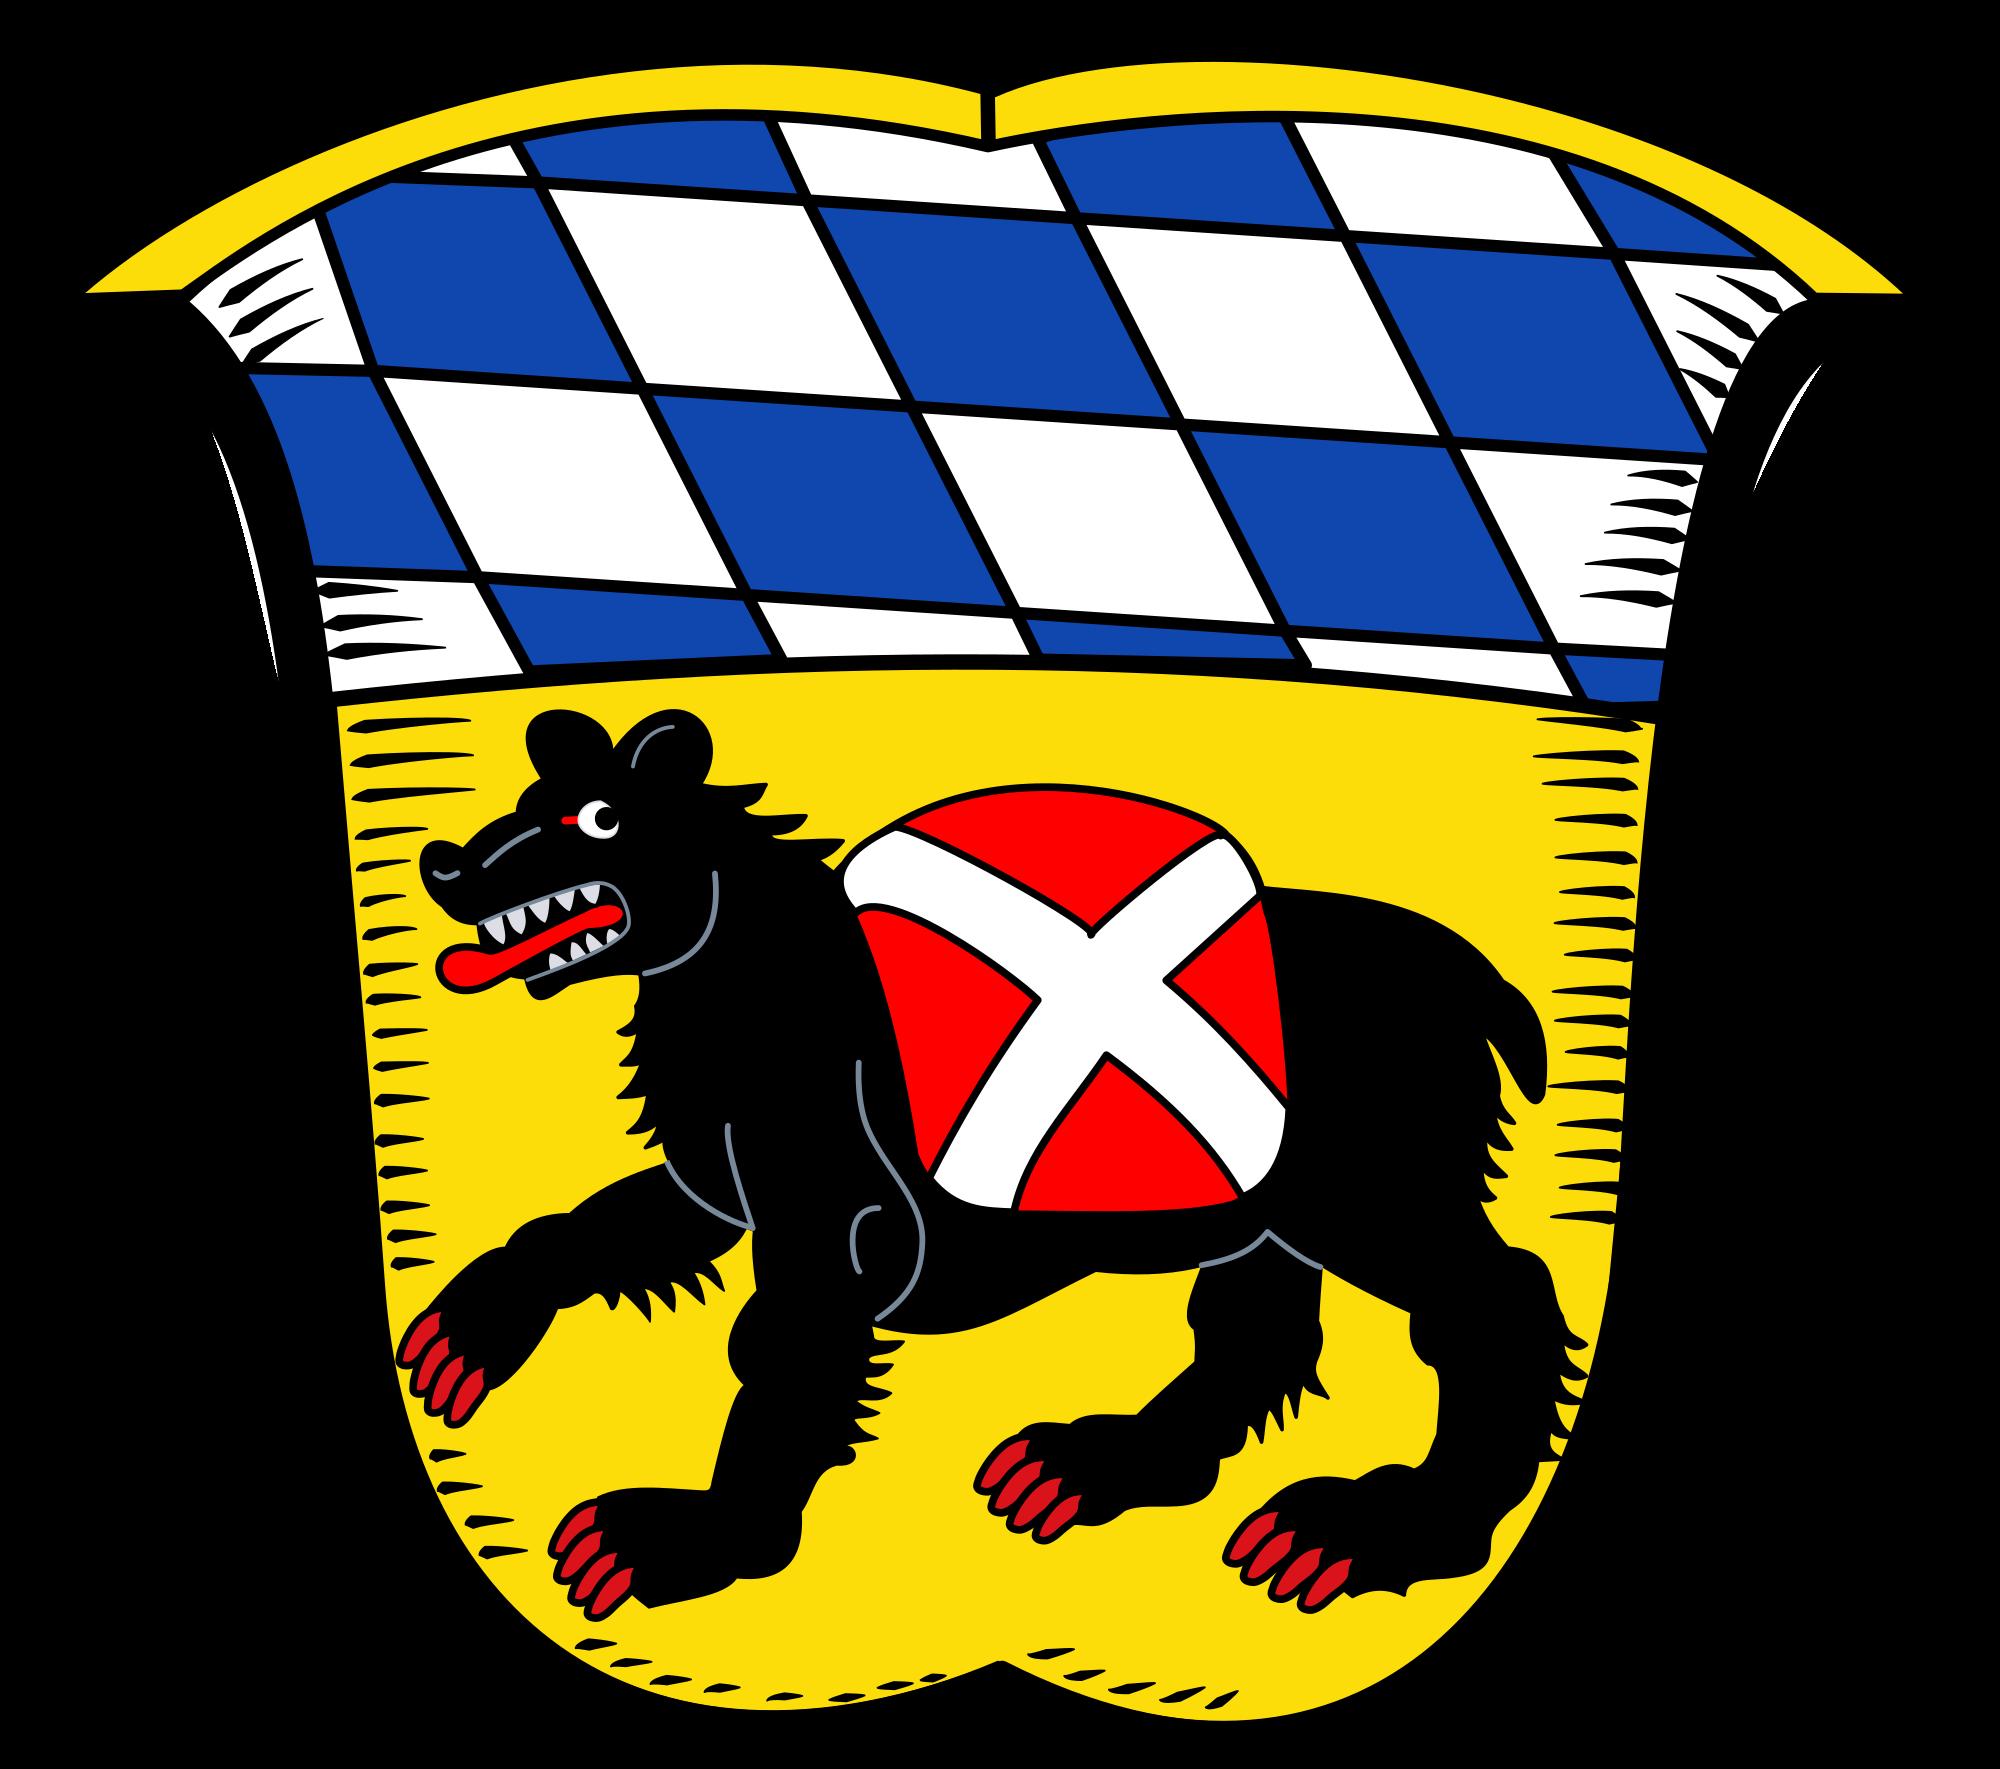 File:Wappen von Freising.svg.